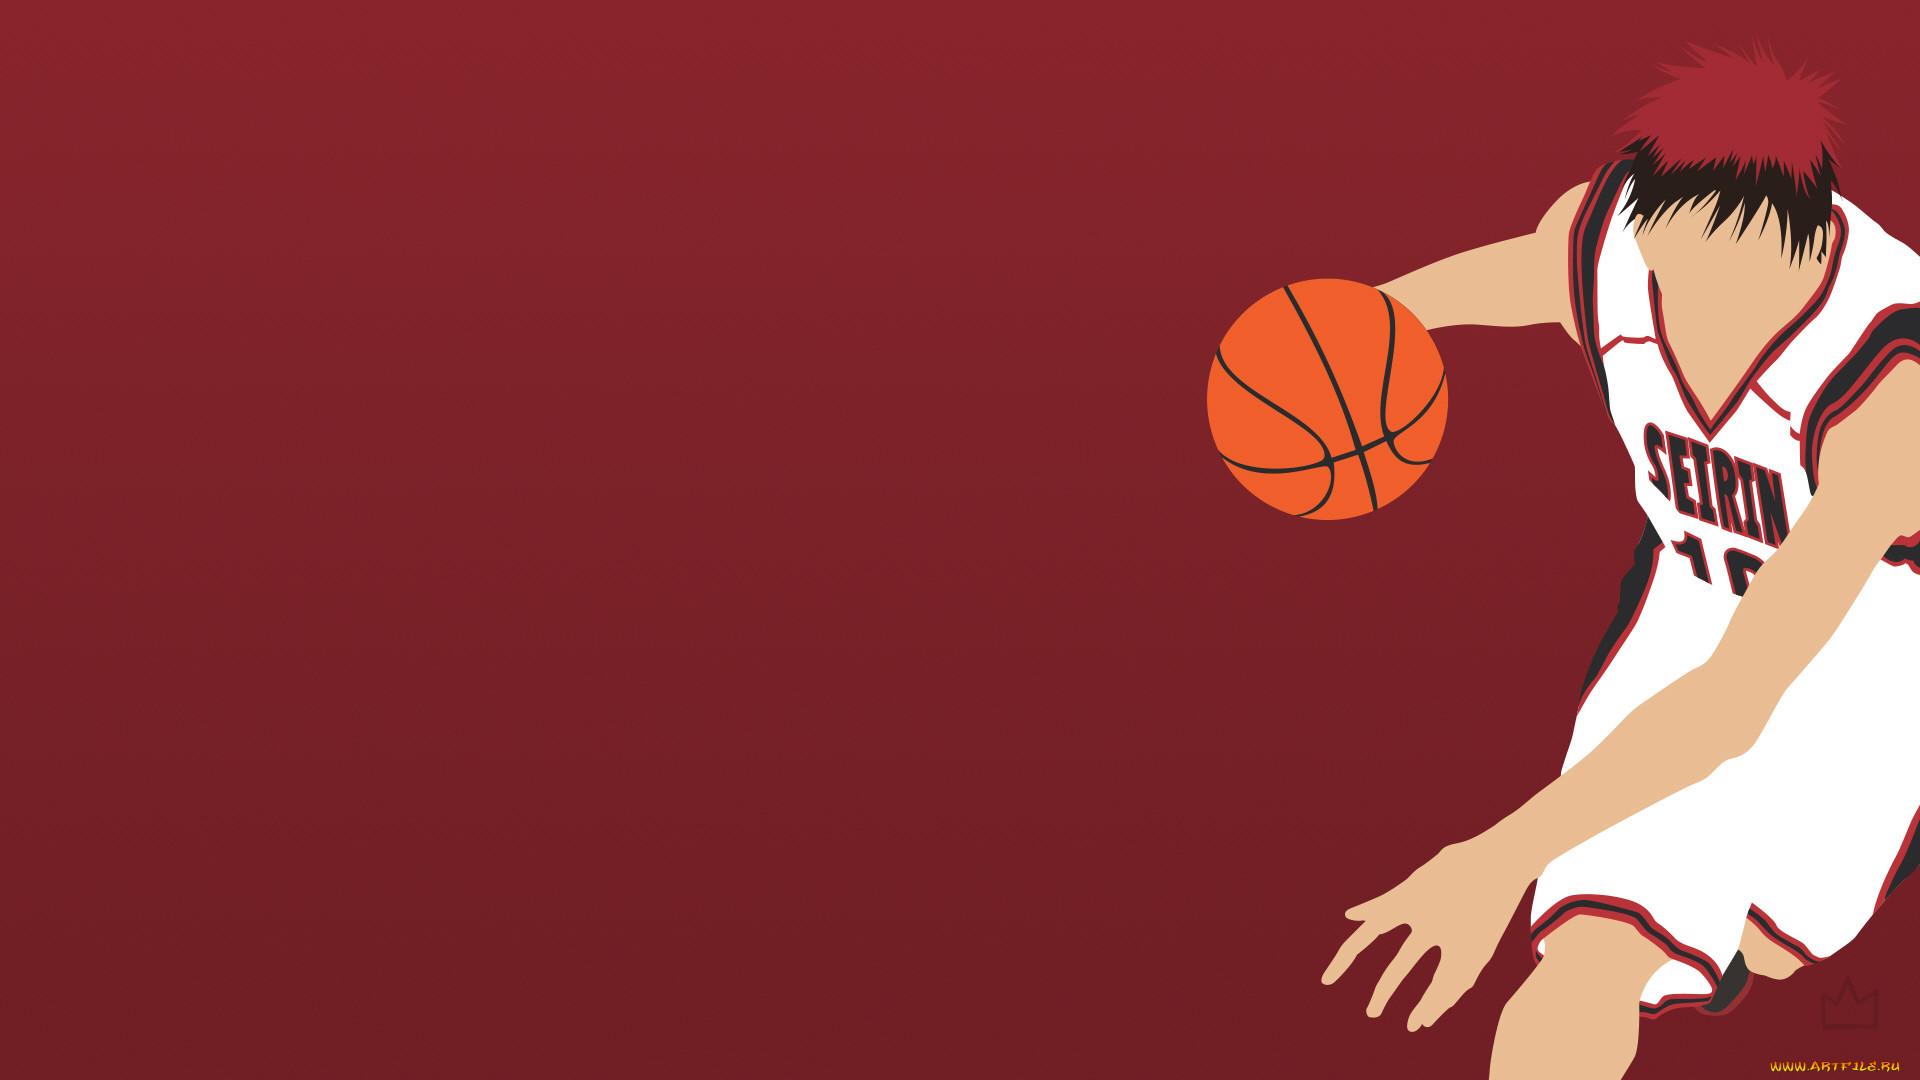 решение будет обои на рабочий стол телефона баскетбол это определяет тот